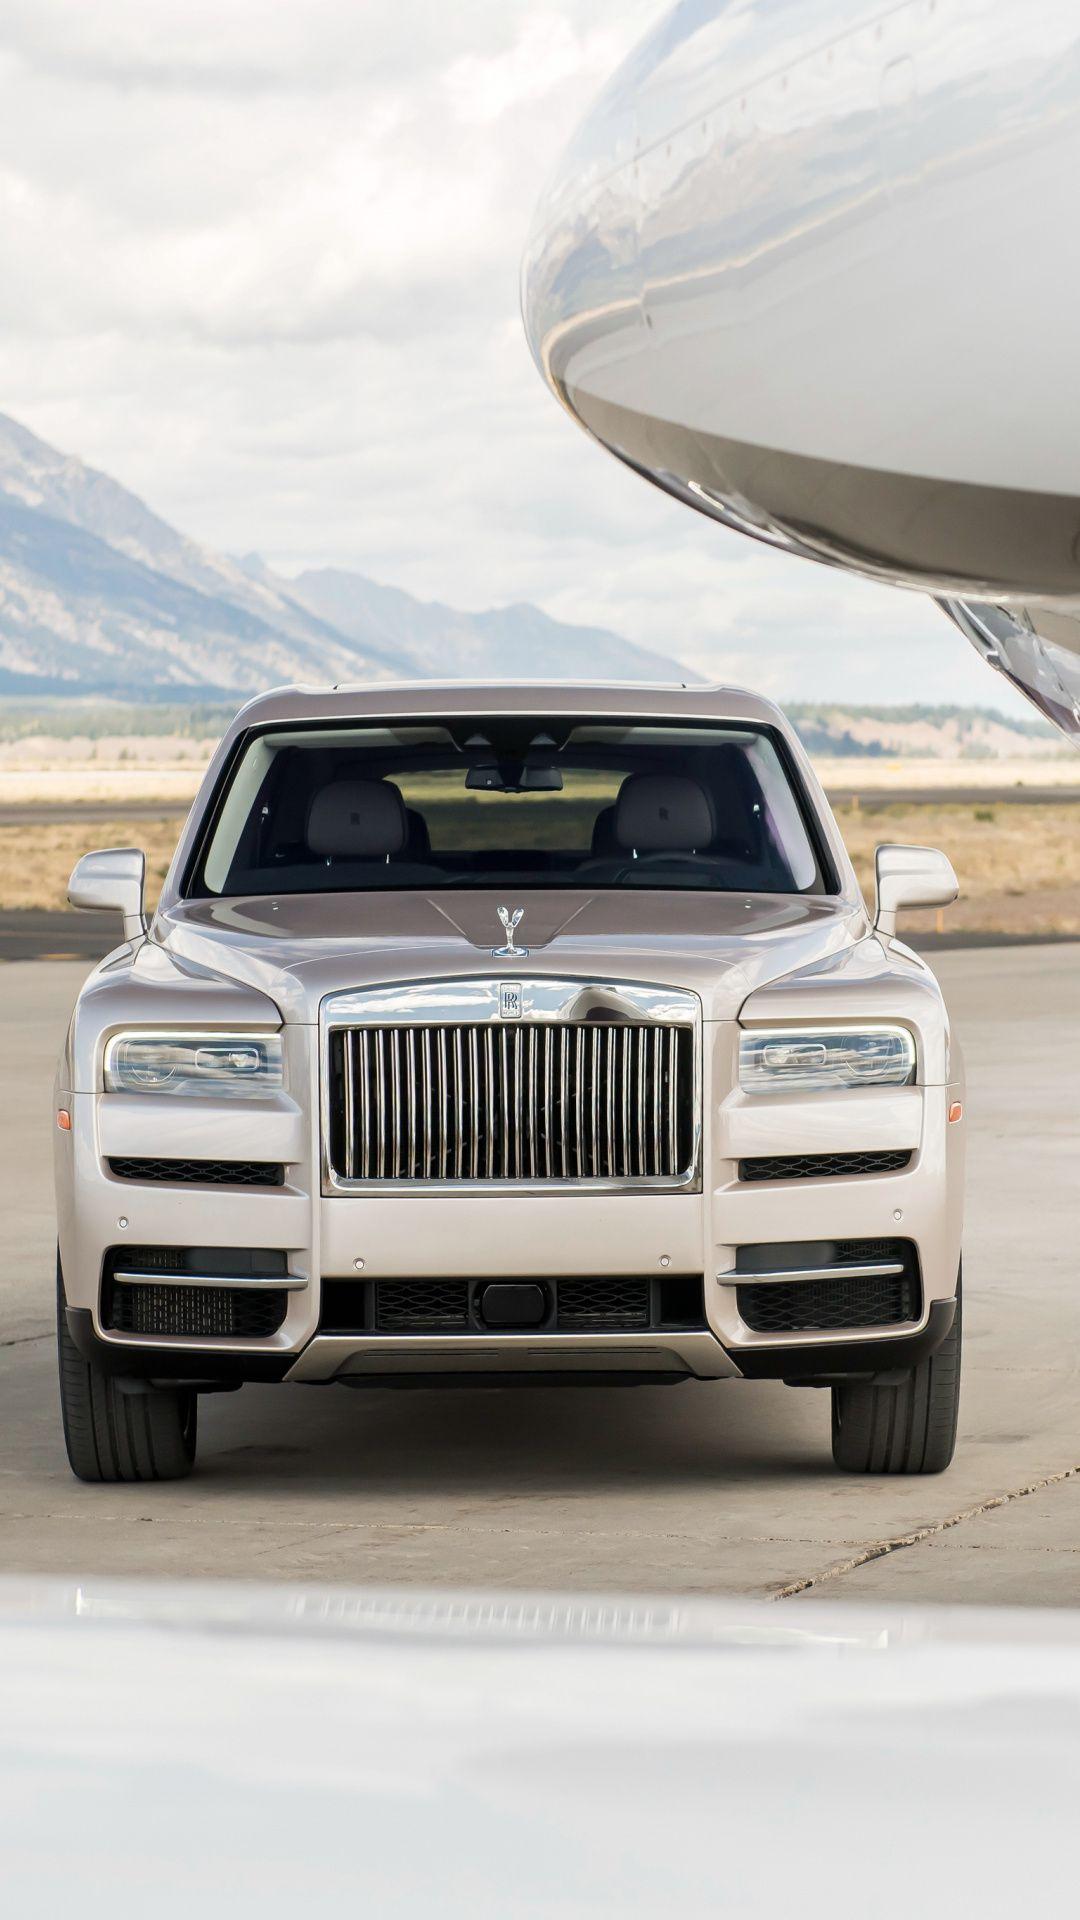 Downaload 2019 Rolls Royce Cullinan Luxury Vehicle Wallpaper For